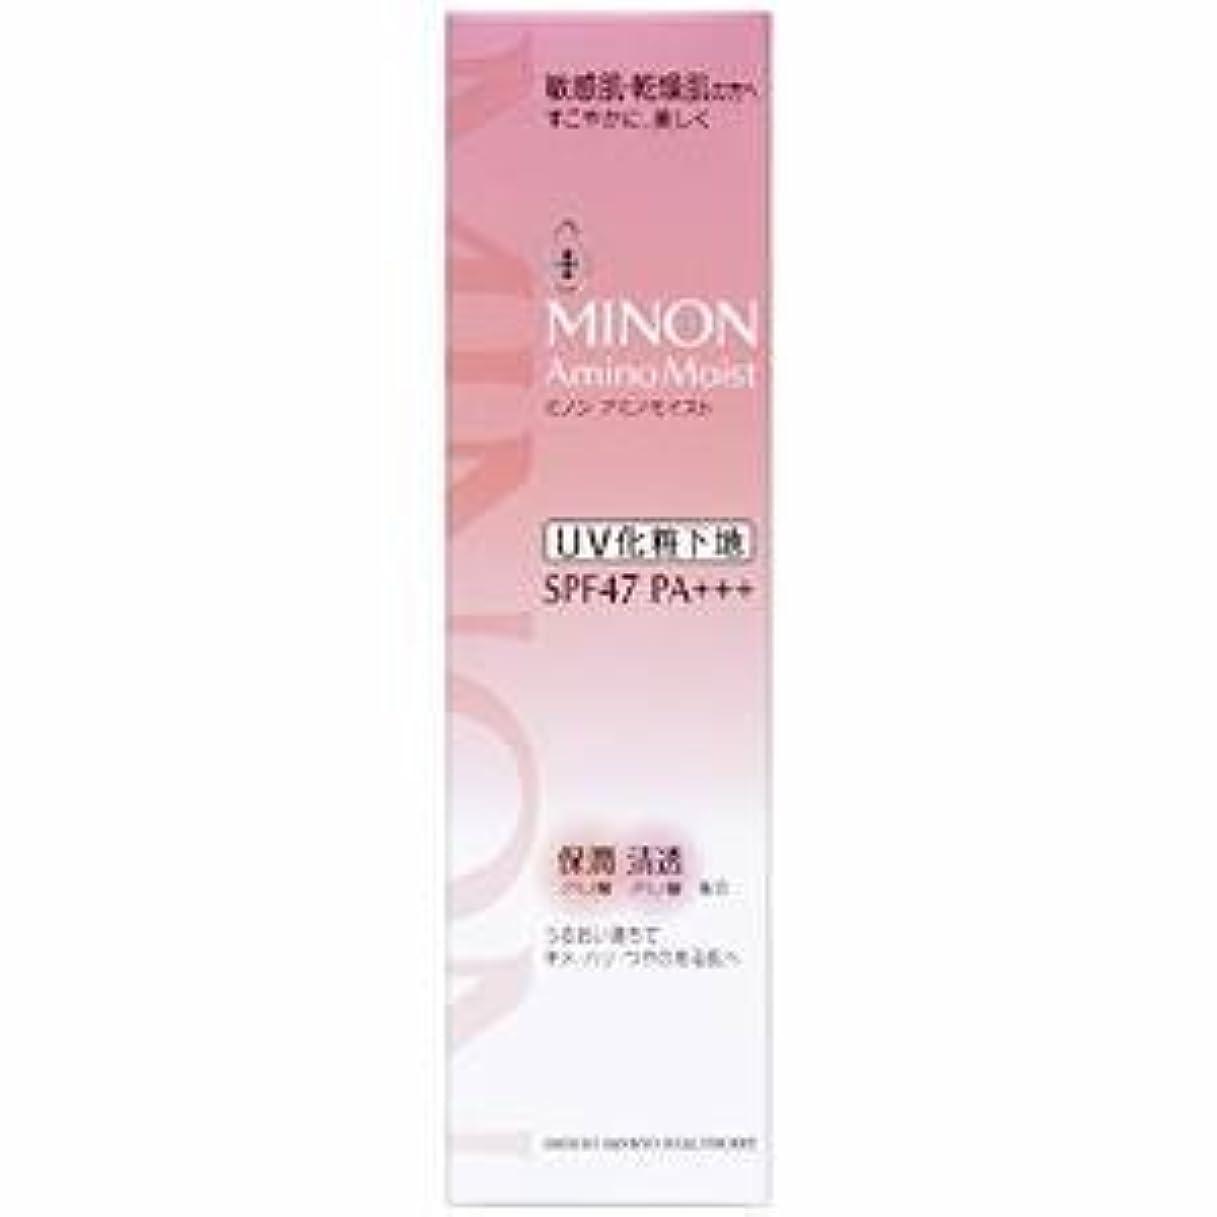 首発言するヒギンズミノン アミノモイスト ブライトアップベース UV 25g×3個セット(UV化粧下地)